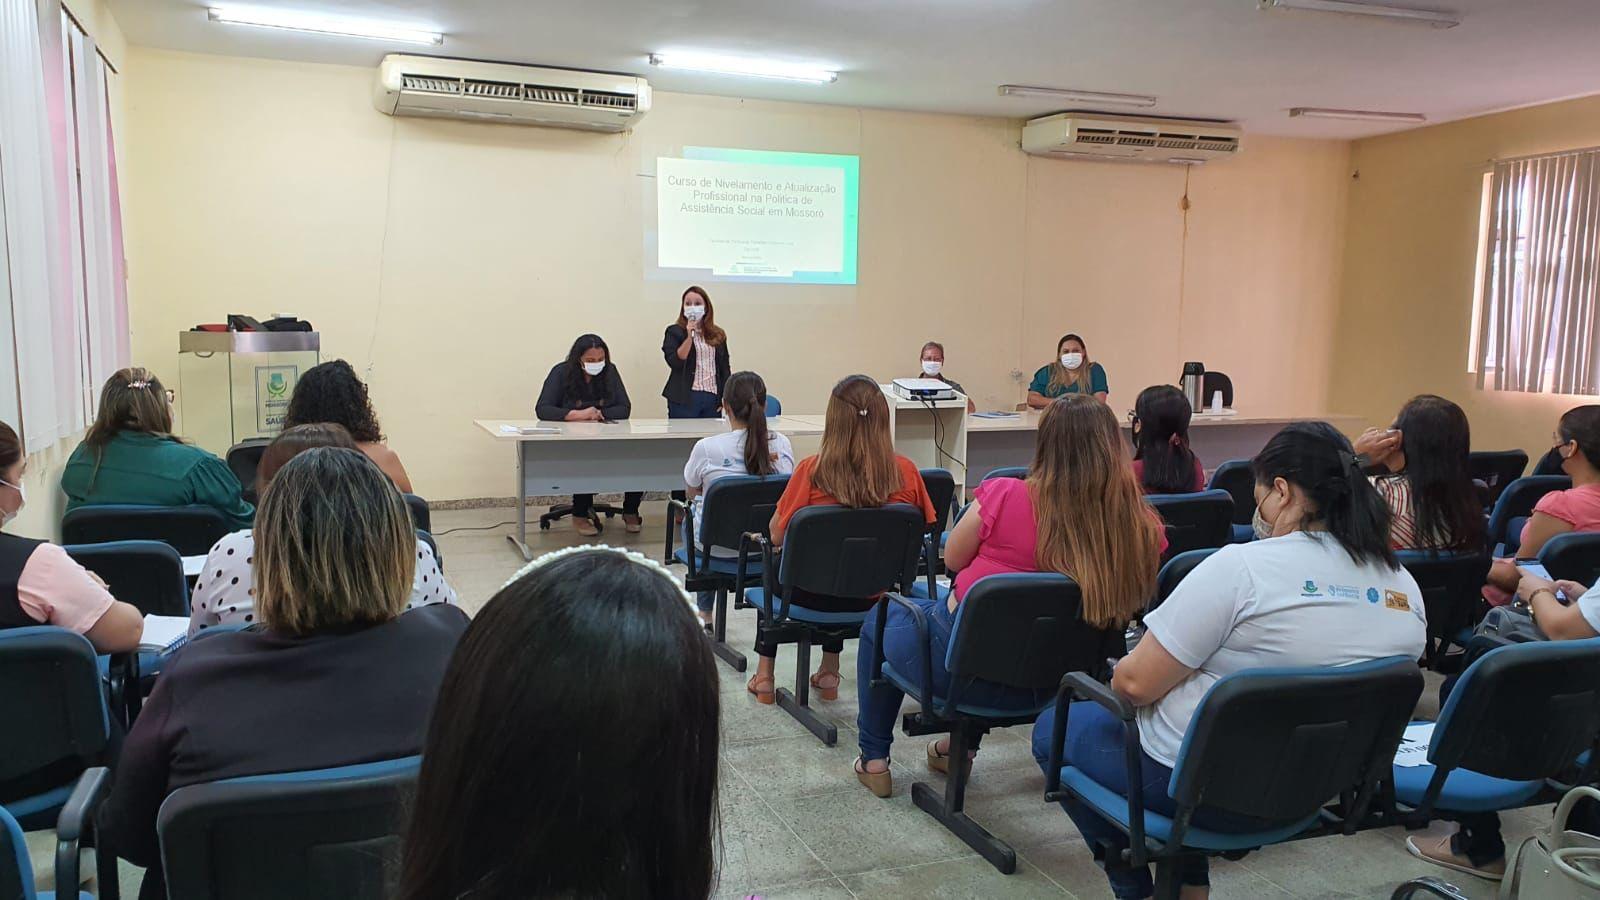 SMDSJ inicia curso de nivelamento e atualização para trabalhadores do SUAS